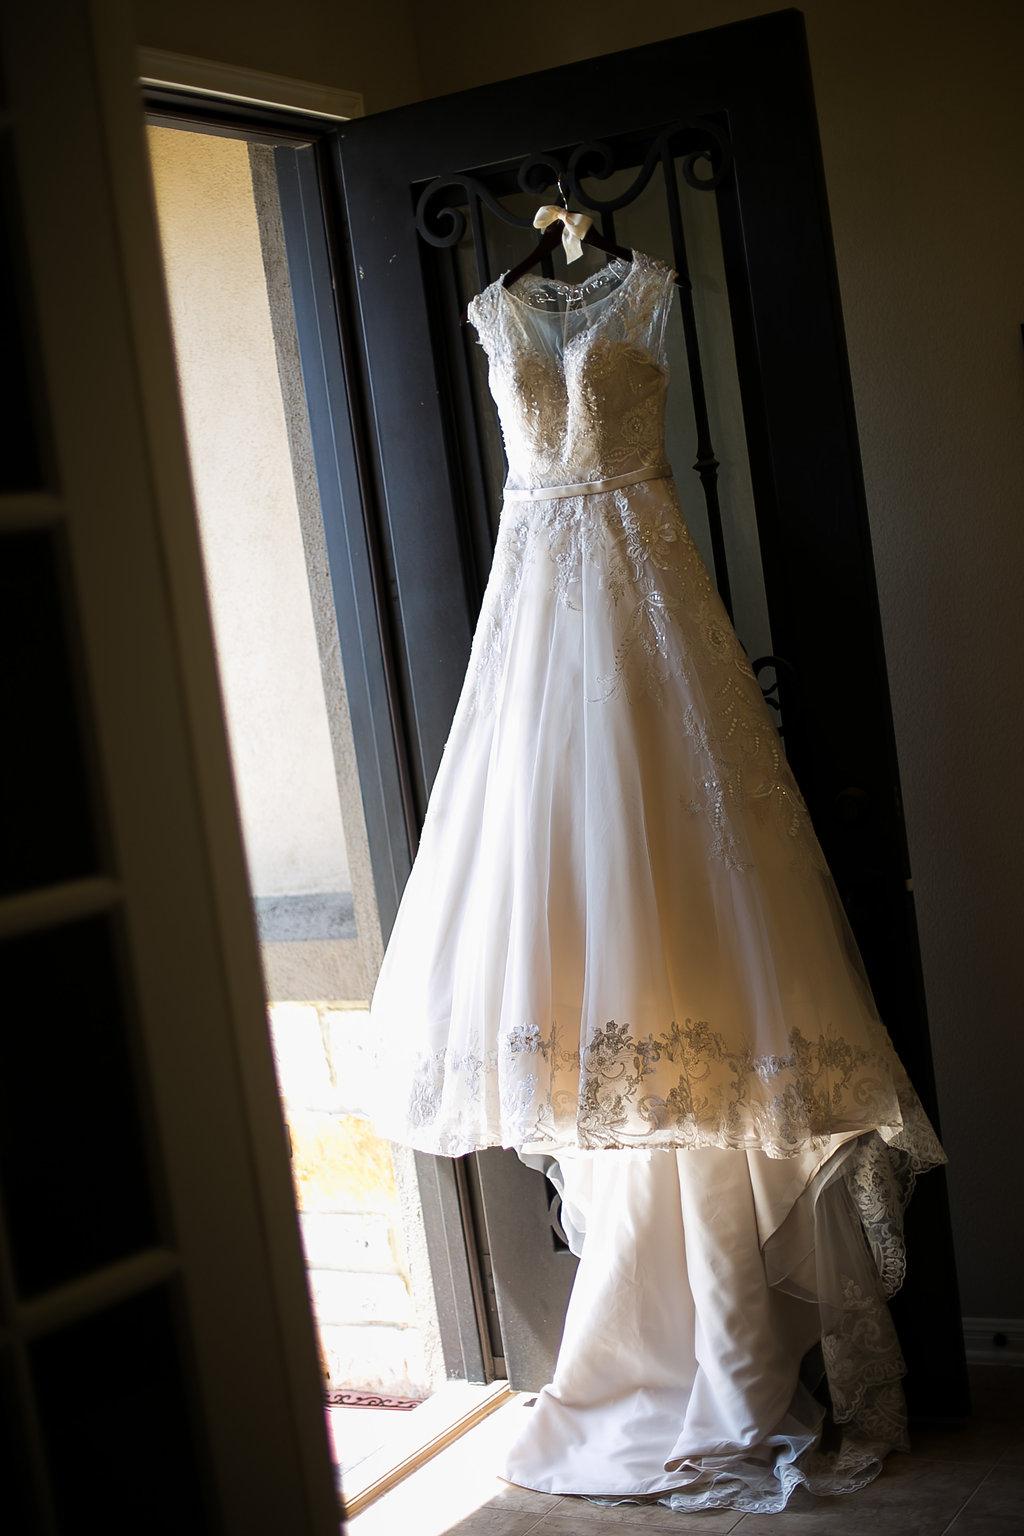 Wedding gown hanging on door